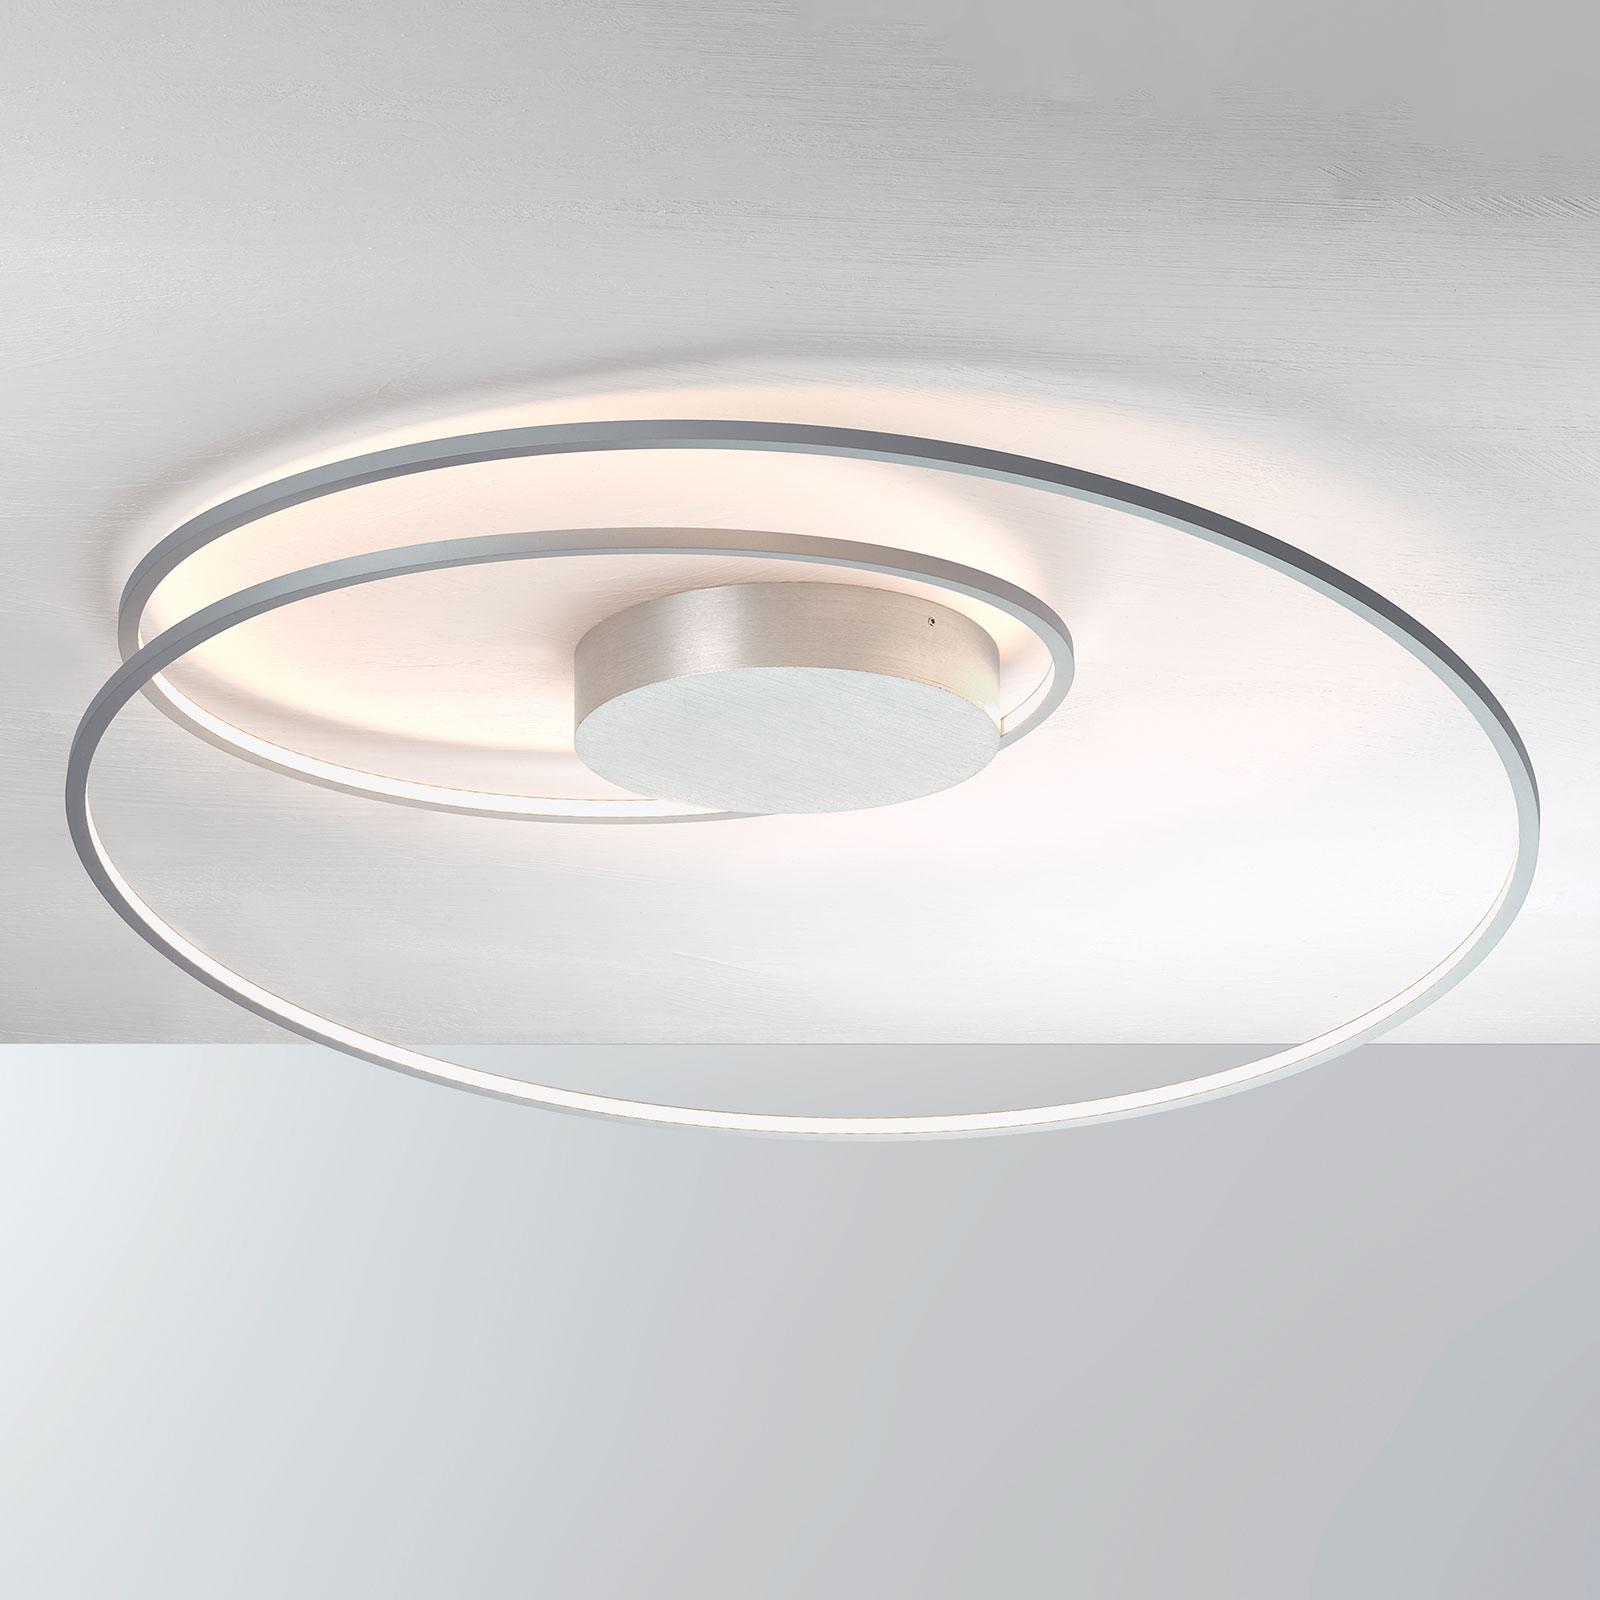 Bopp At stropné LED svietidlo hliník 70cm_1556124_1